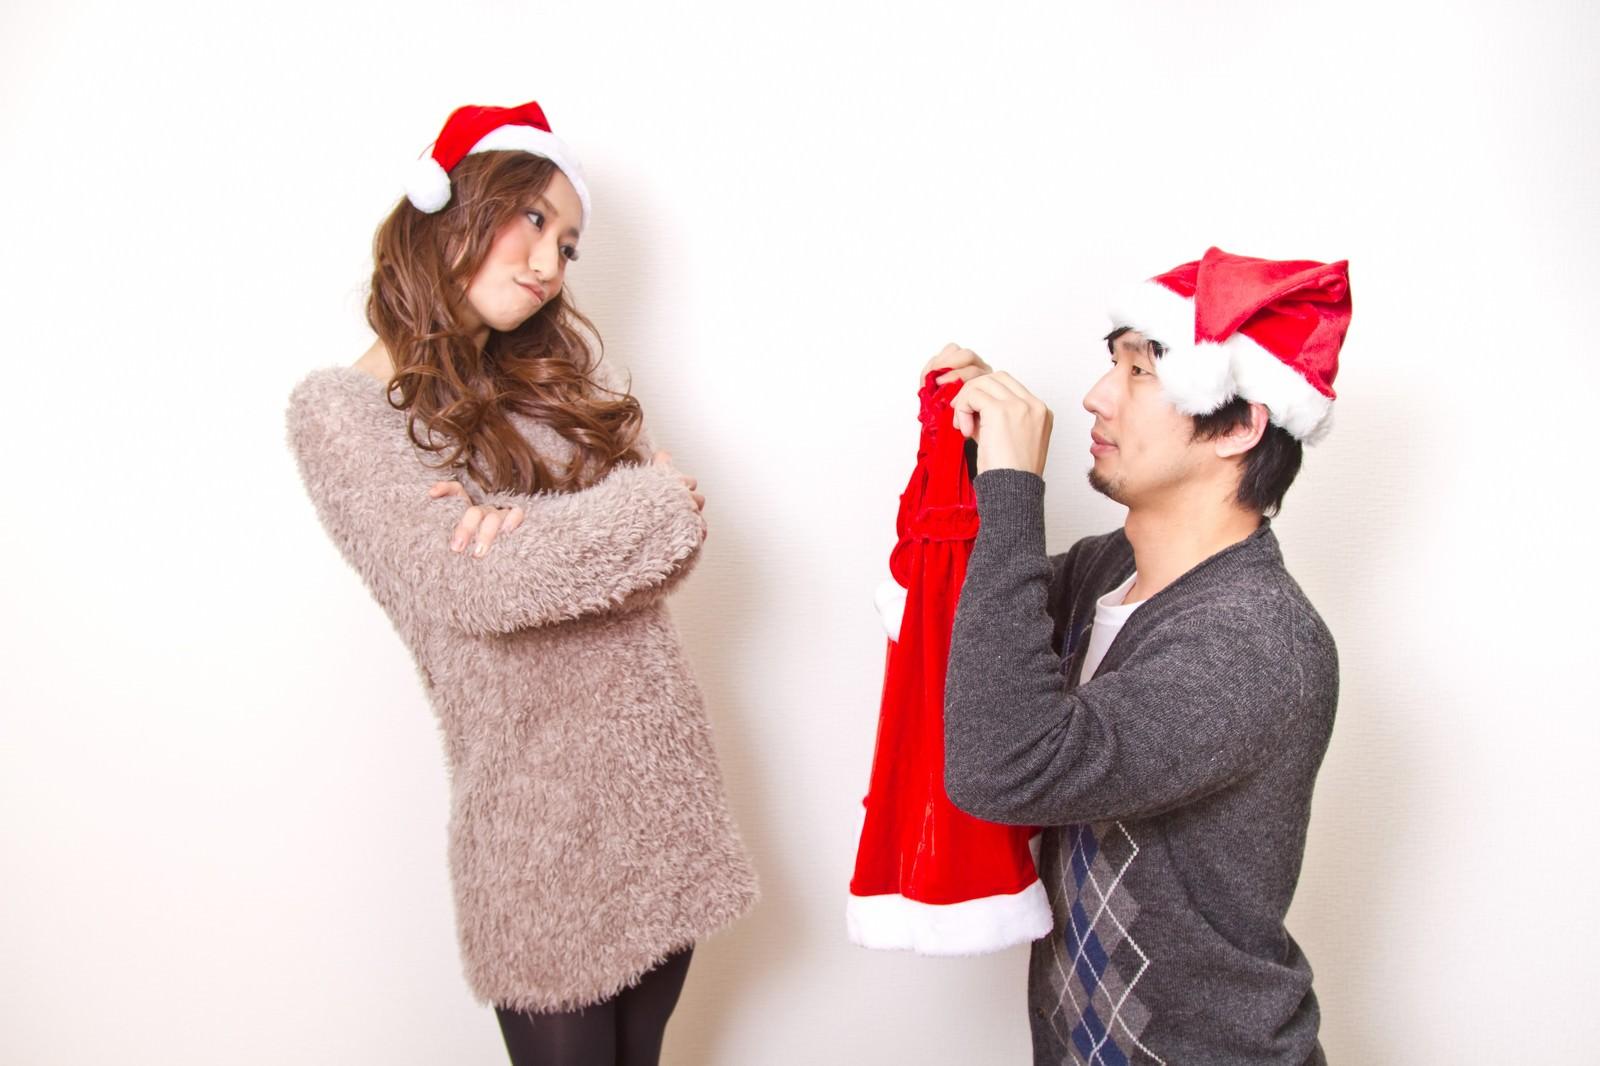 「サンタの衣装をお願いする男性   写真の無料素材・フリー素材 - ぱくたそ」の写真[モデル:大川竜弥 北野佑々]